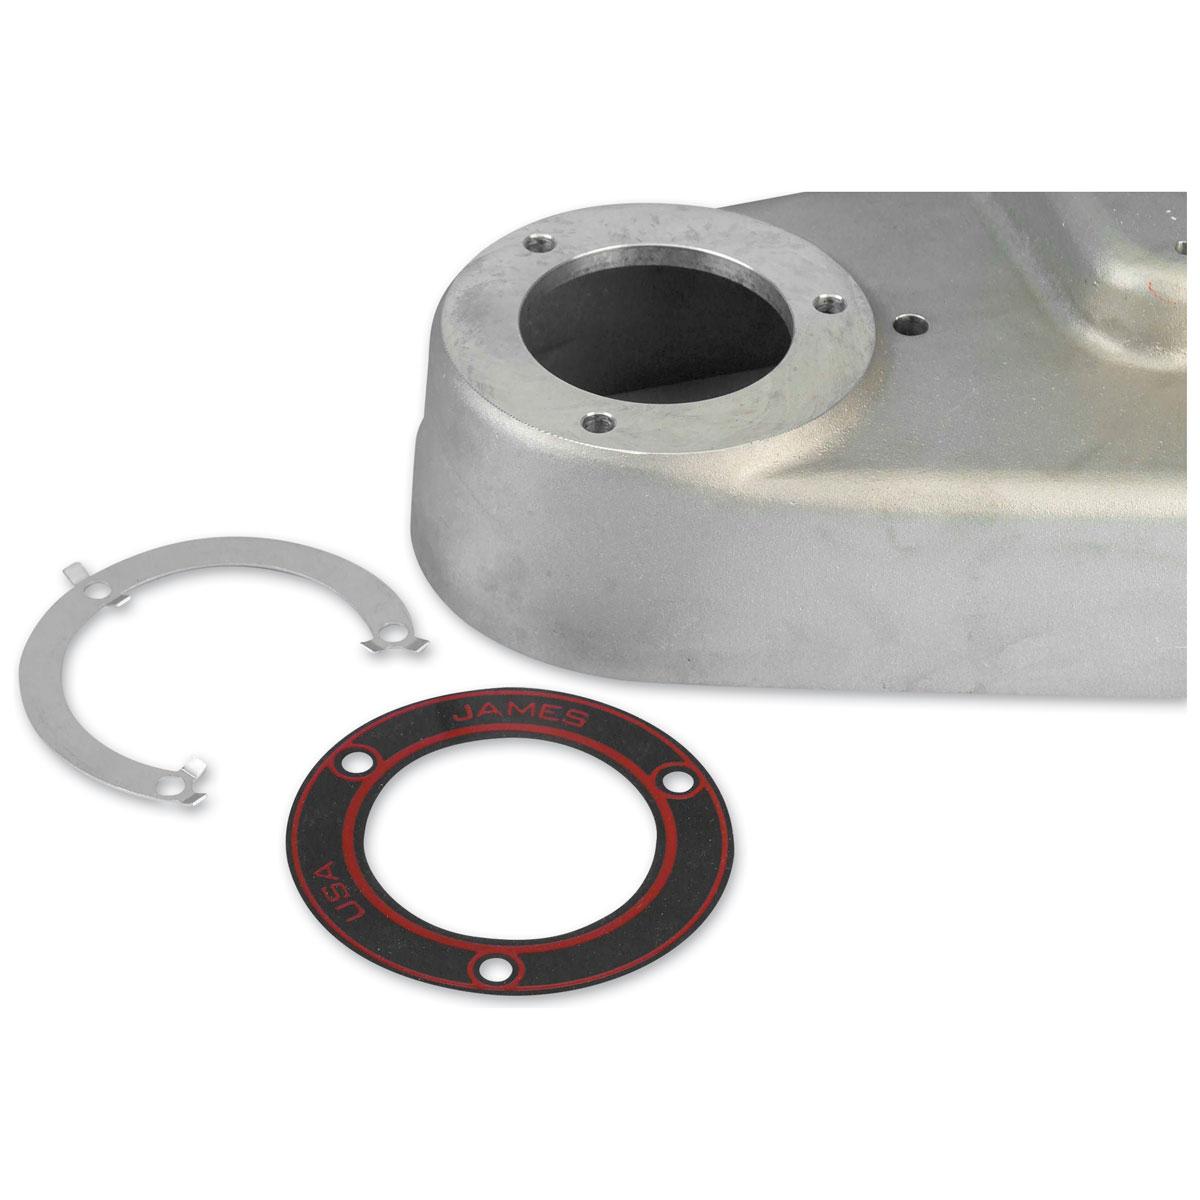 Genuine James Inner Primary to Engine Gasket OEM 60629-65